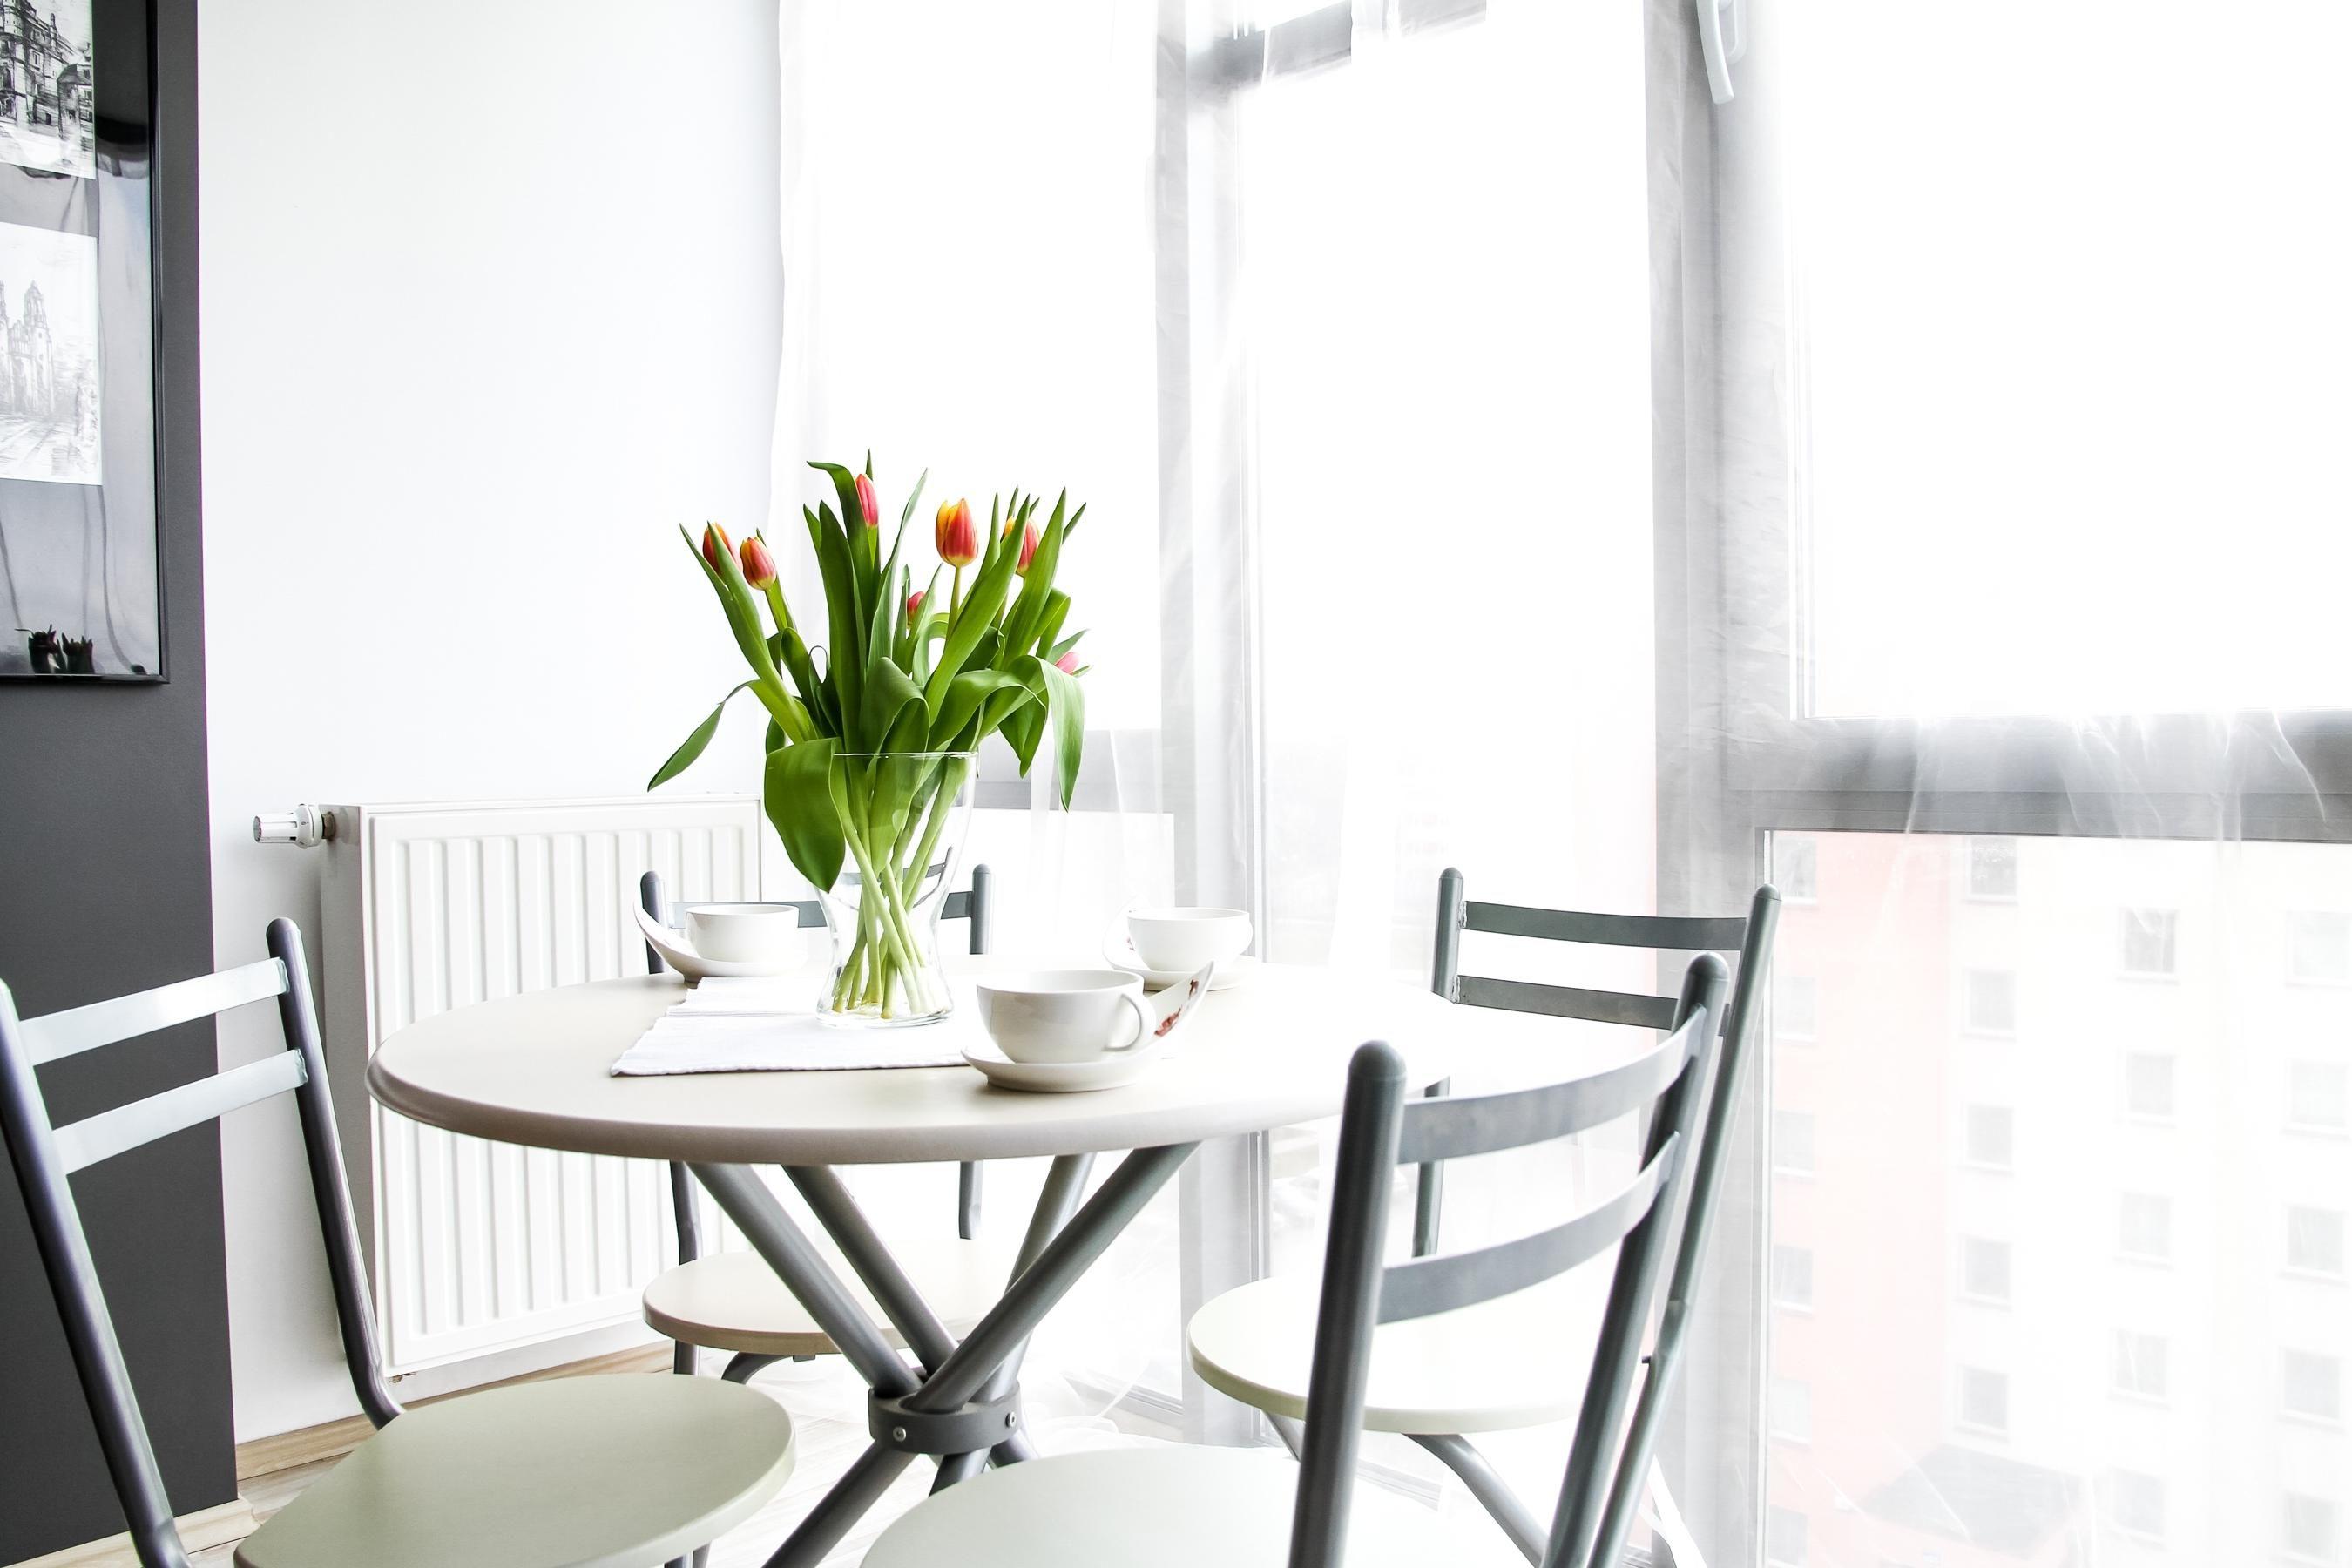 Kostenlose Bild Möbel Innen Stuhl Contemporary Fenster Zimmer